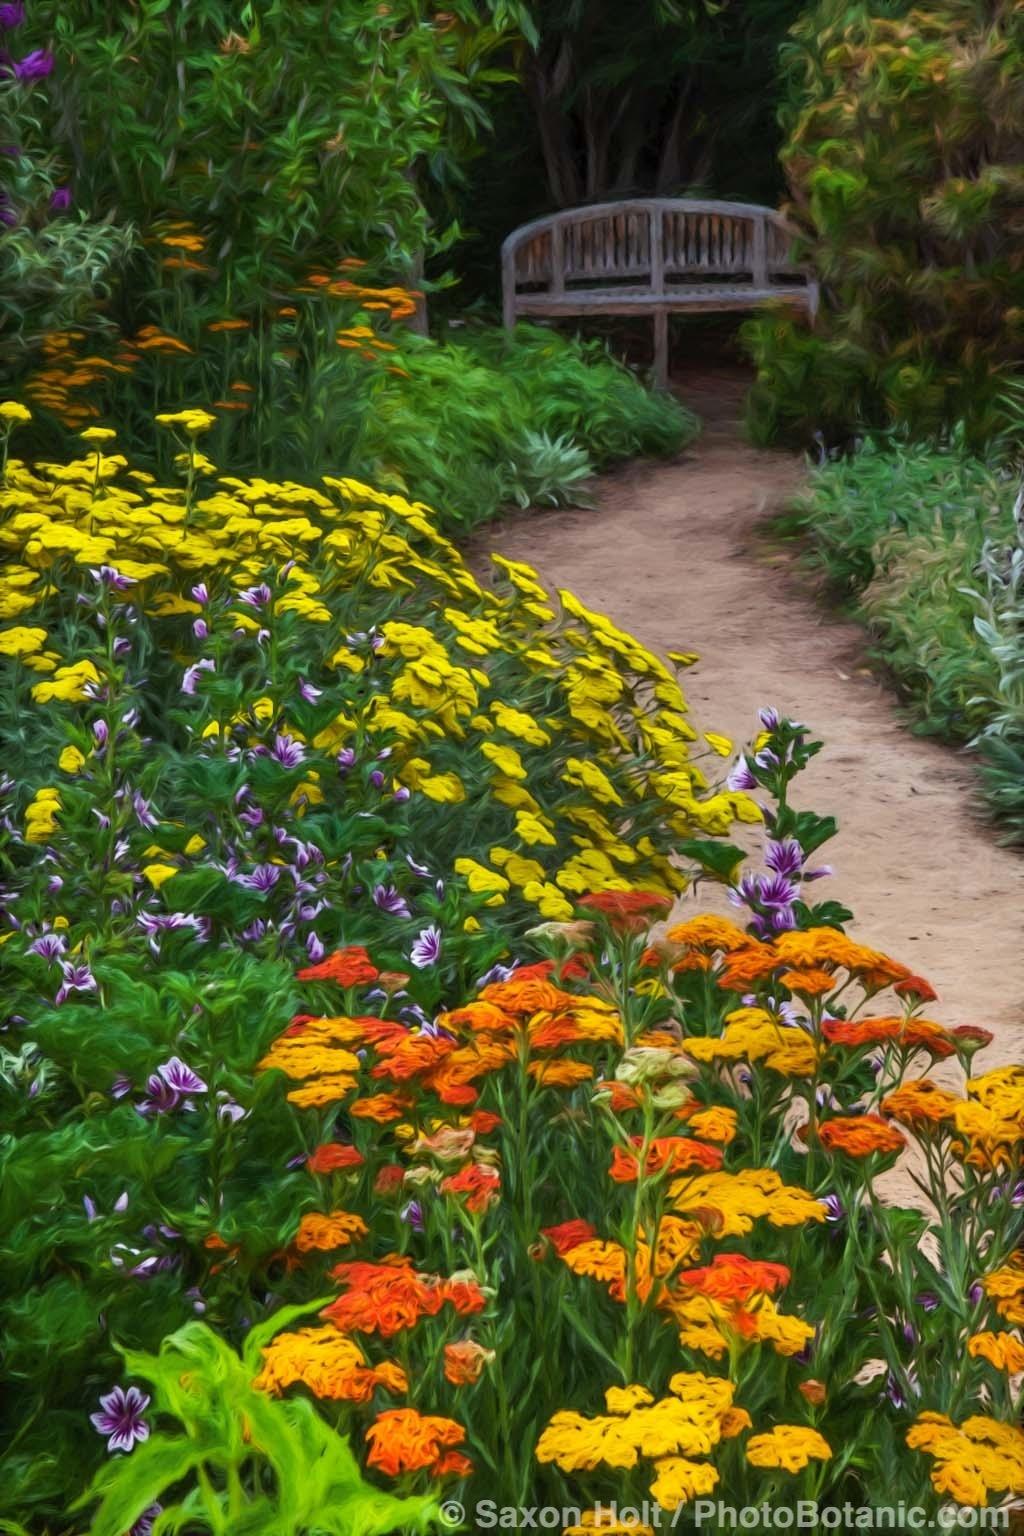 Butterfly Pollinator Garden at Rio Grande Botanic Garden